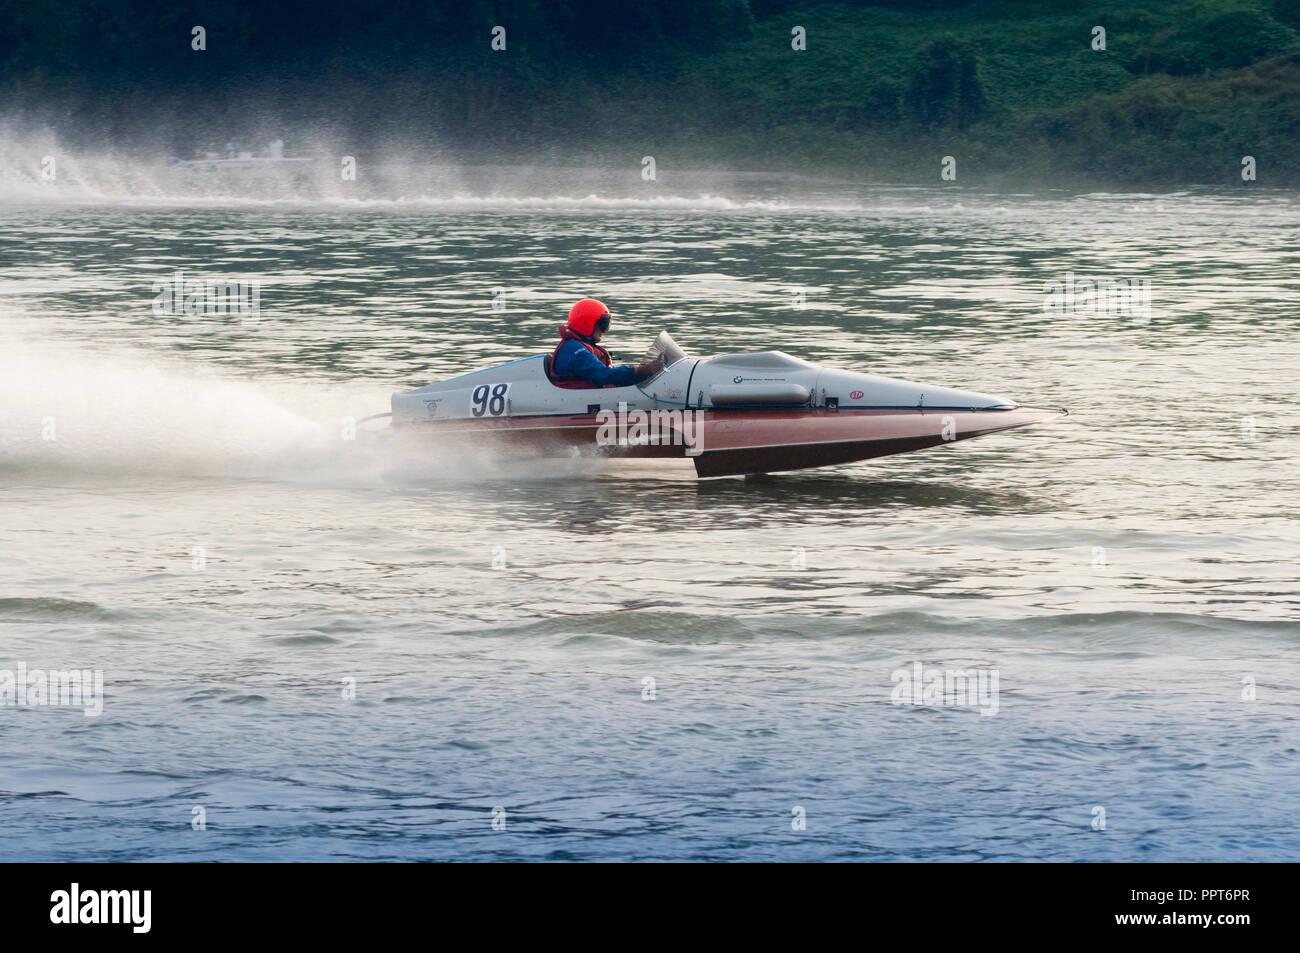 22 Settembre 2018 - Italia, Lombardia, Cremona, Po, Exhibition vecchie imbarcazioni punto tre Idrovolanti da Corsa entrobordo corridore italiano Immagini Stock